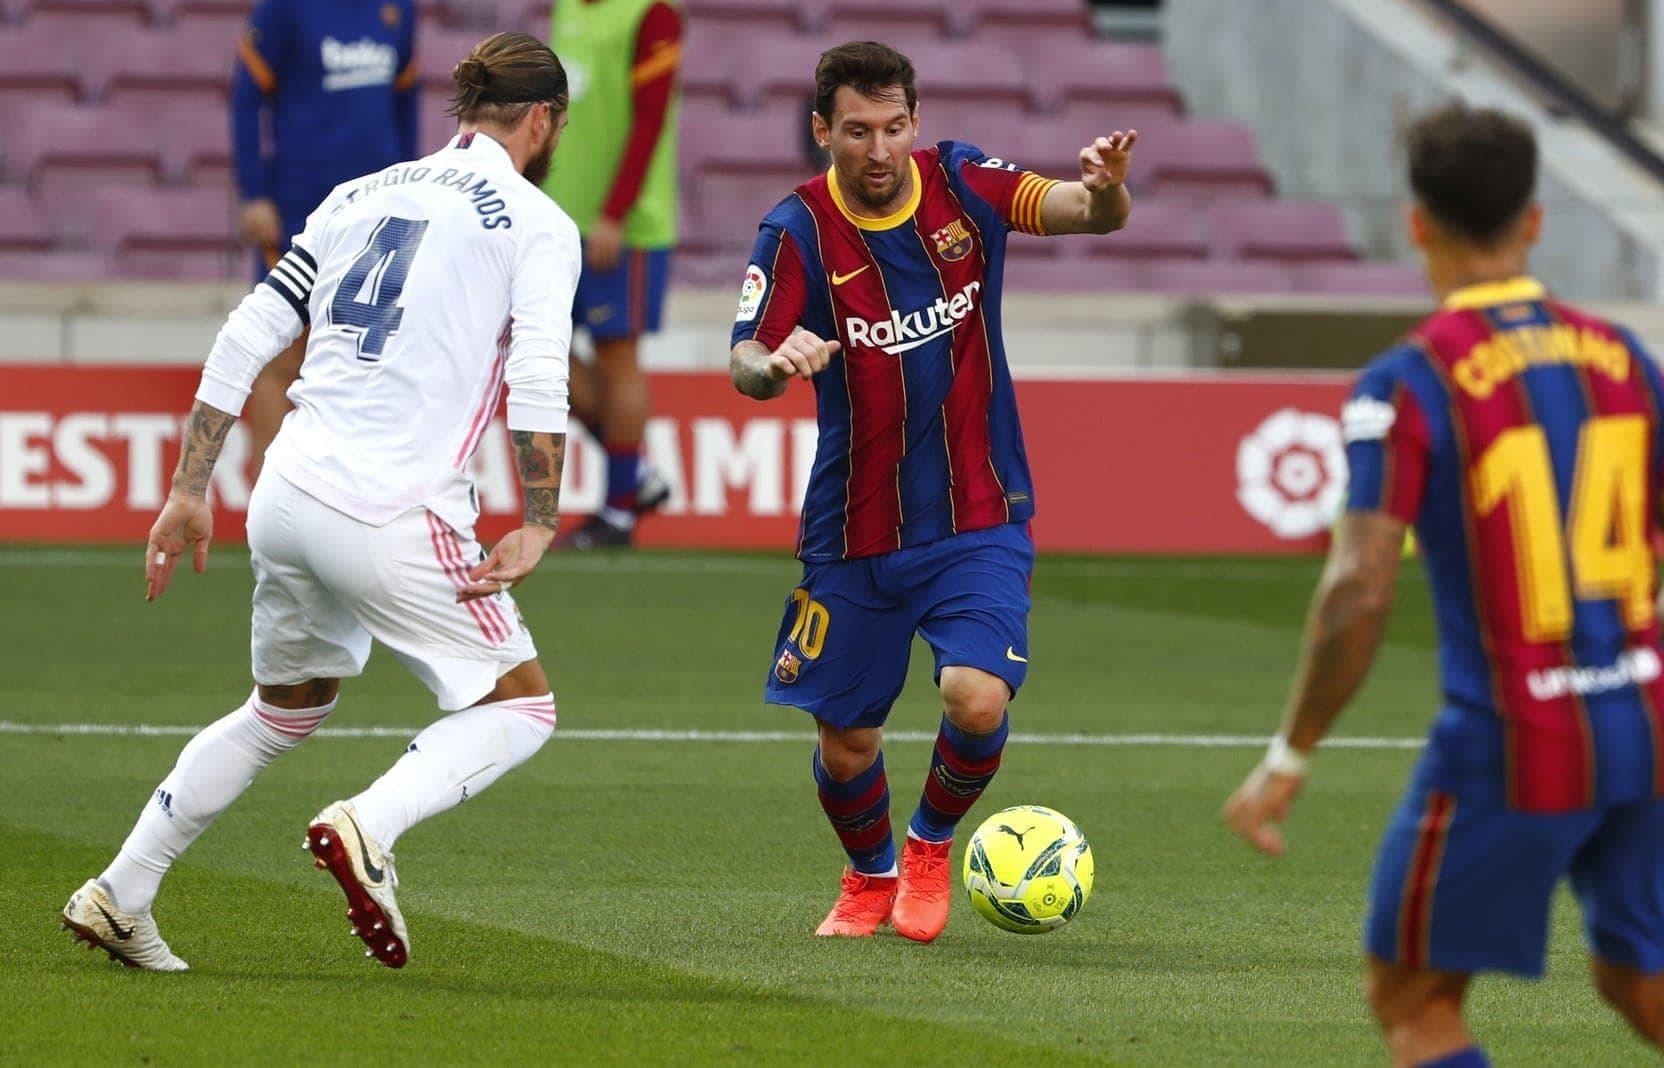 Das-La-Liga-Team-of-the-Season-bei-FIFA-21-ist-da-Spieler-SBCs-und-Aufgaben-im-berblick